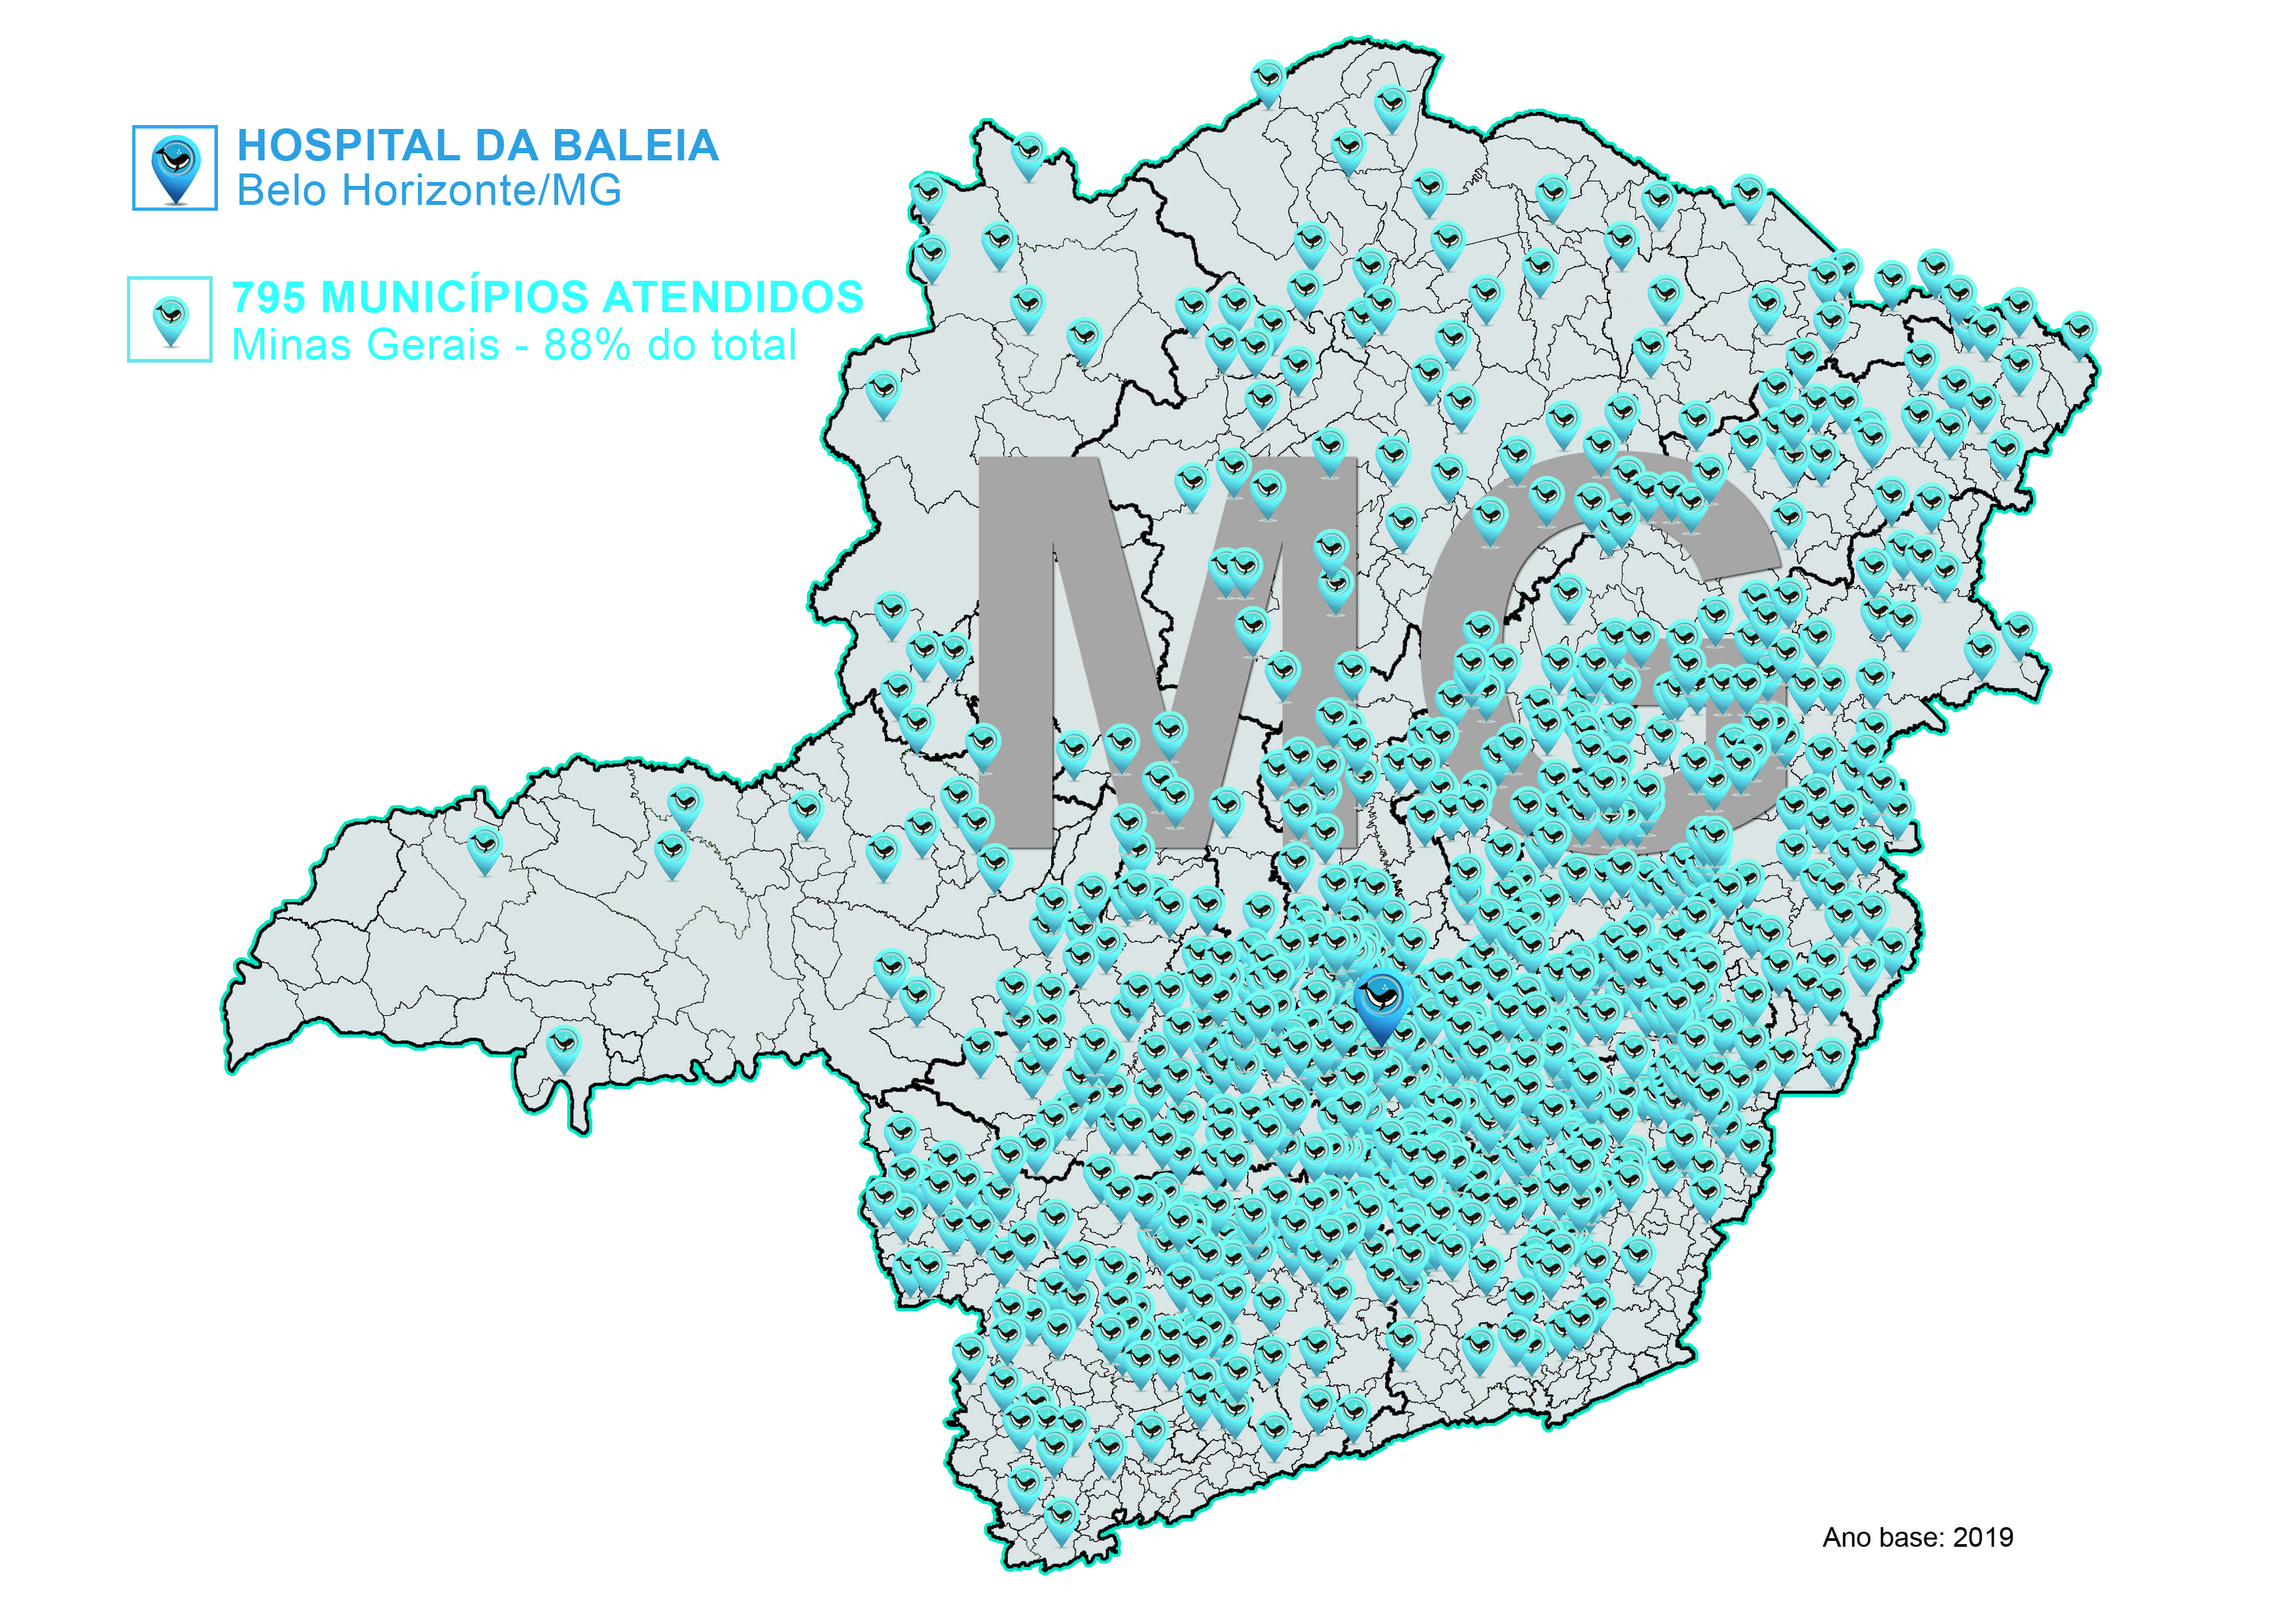 795 municípios atendidos, sendo 88% de Minas Gerais